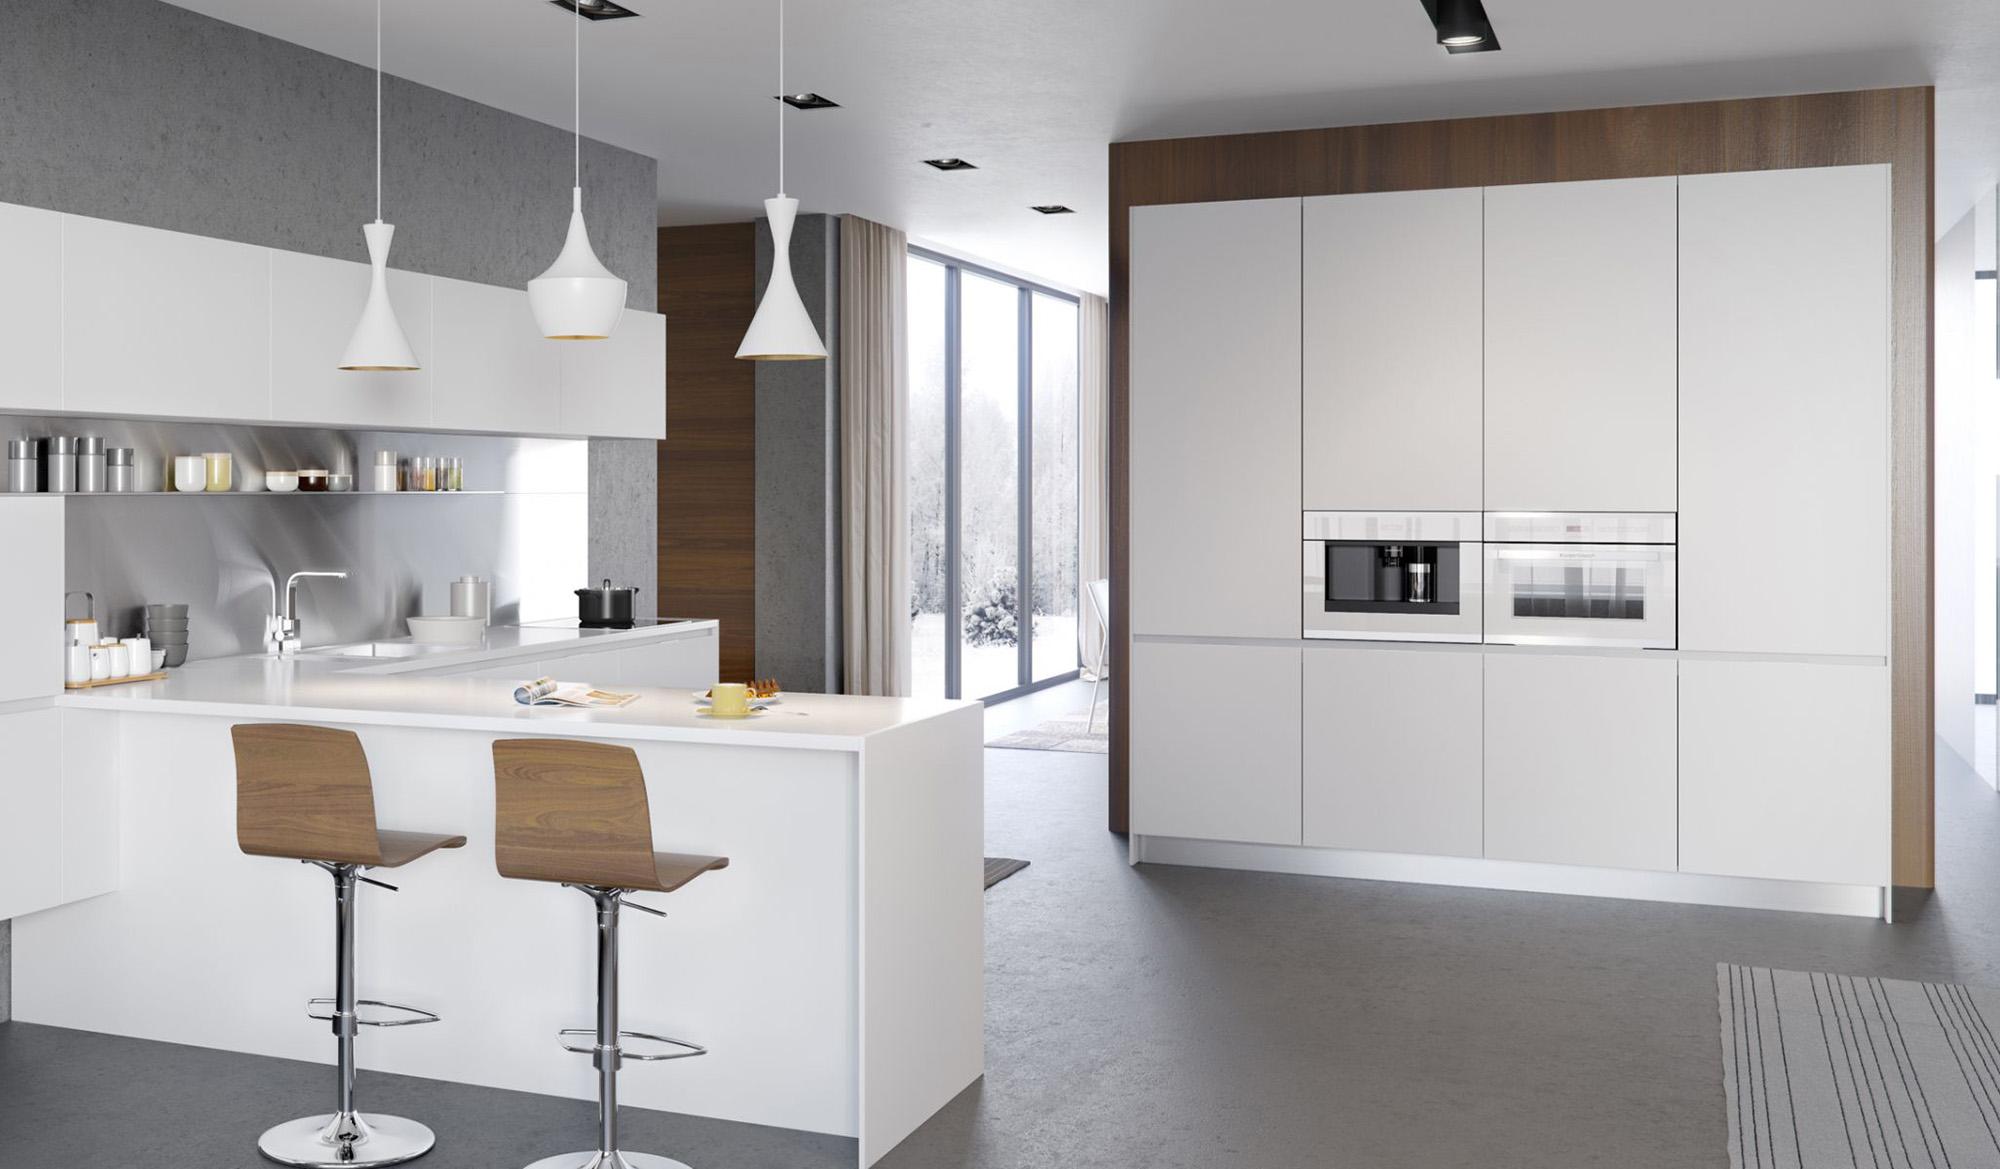 Бело-коричневая мебель в стиле минимализм